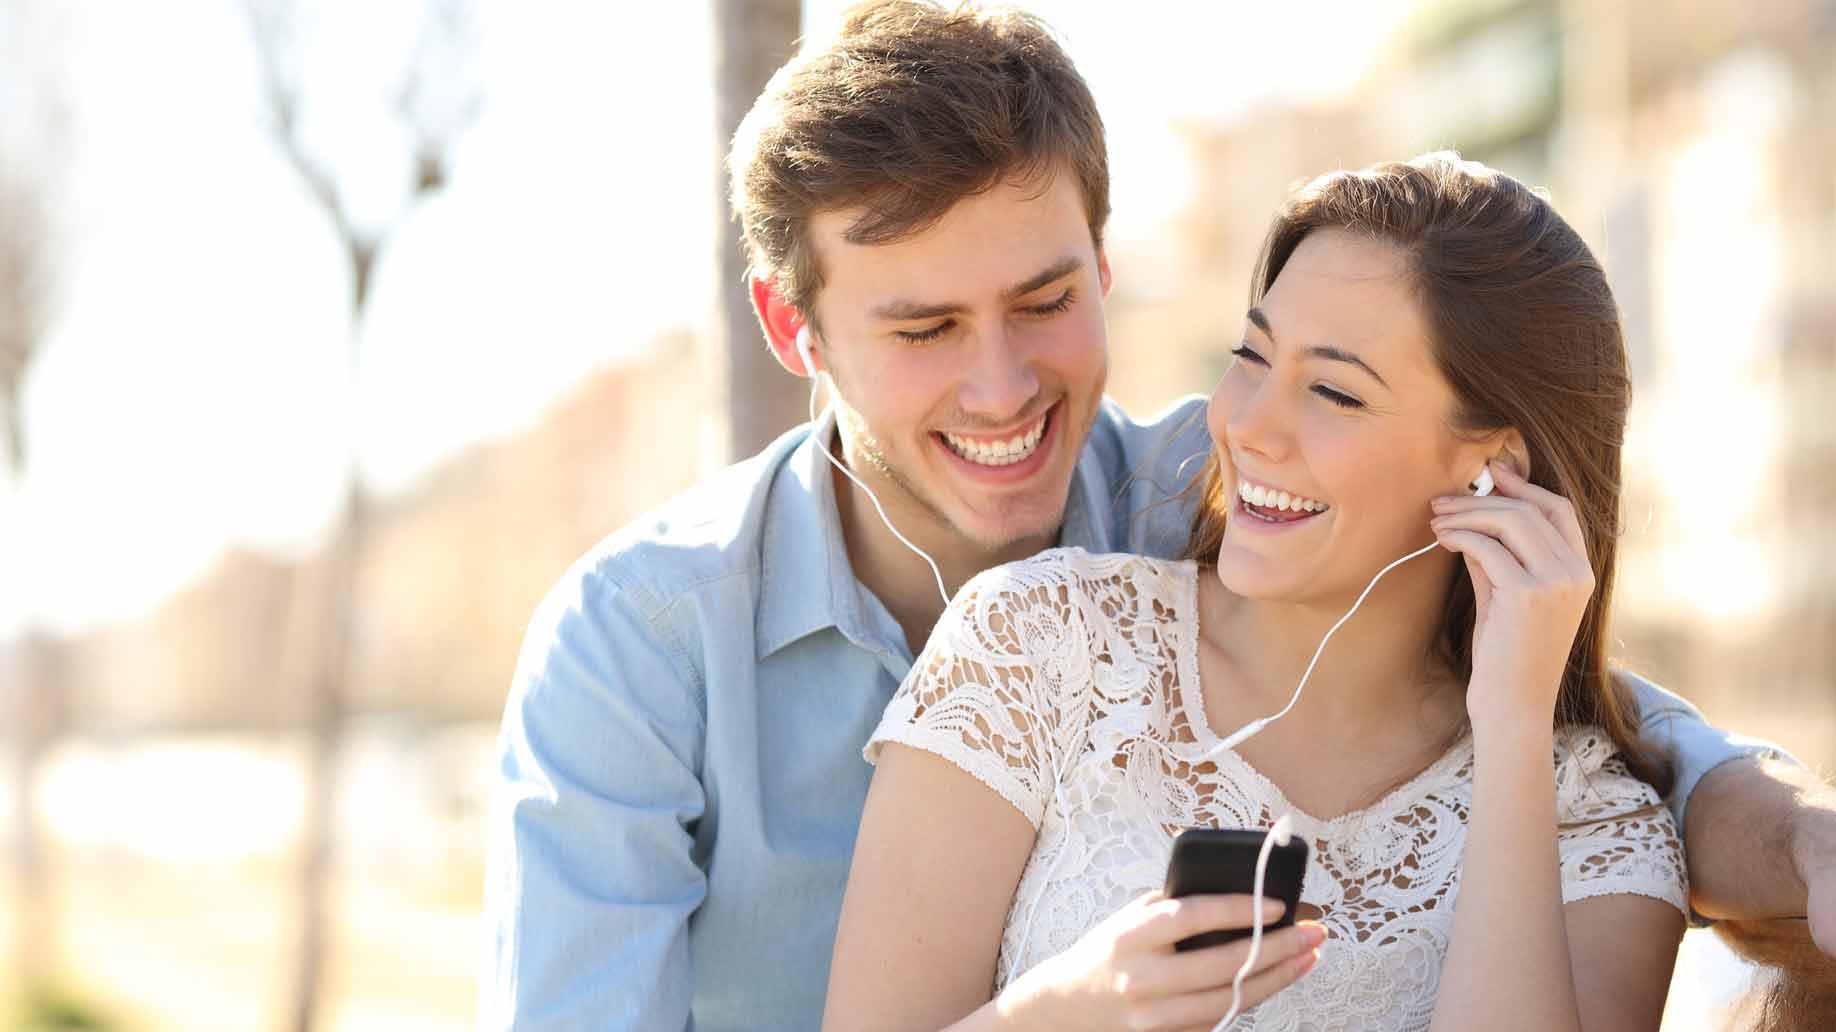 ماهیچه های رابطه زناشویی را تقویت کنید - پذیرفته شدن بیشتر توسط همسر